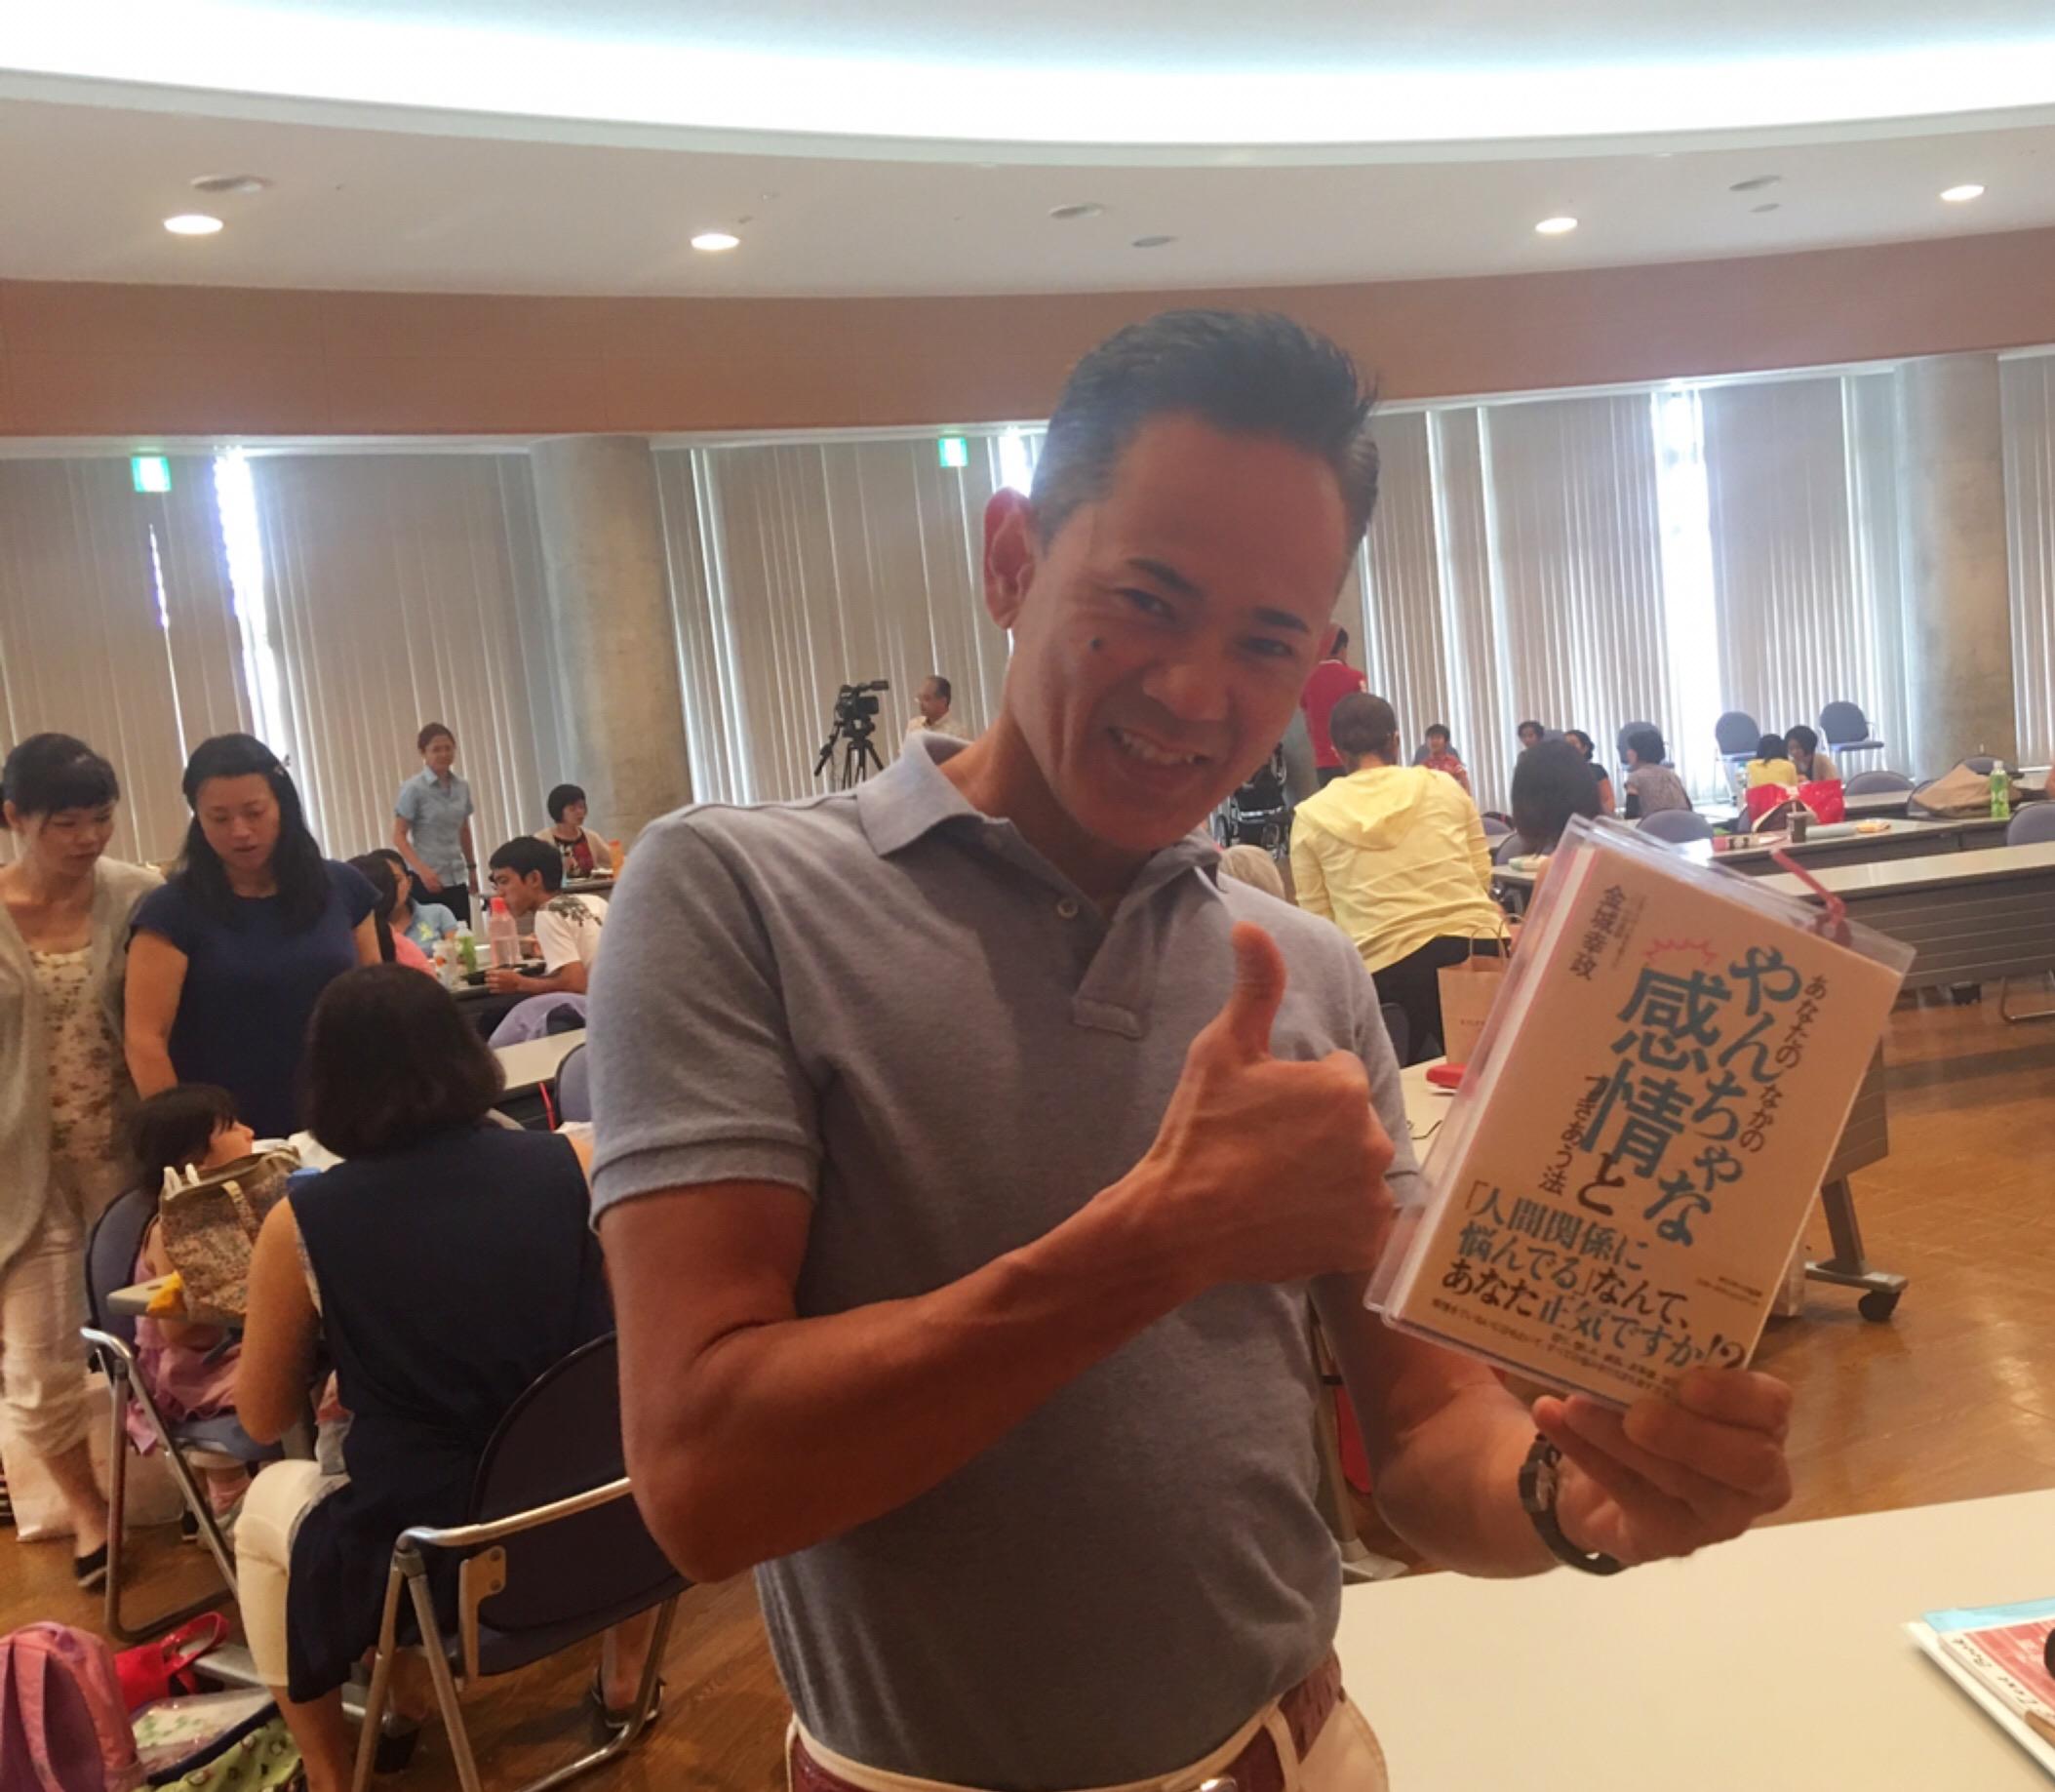 今日は沖縄 親力プログラムセミナー✨✨ ポロシャツの先生、素敵です?半袖姿は結構レア物なのです(^^)